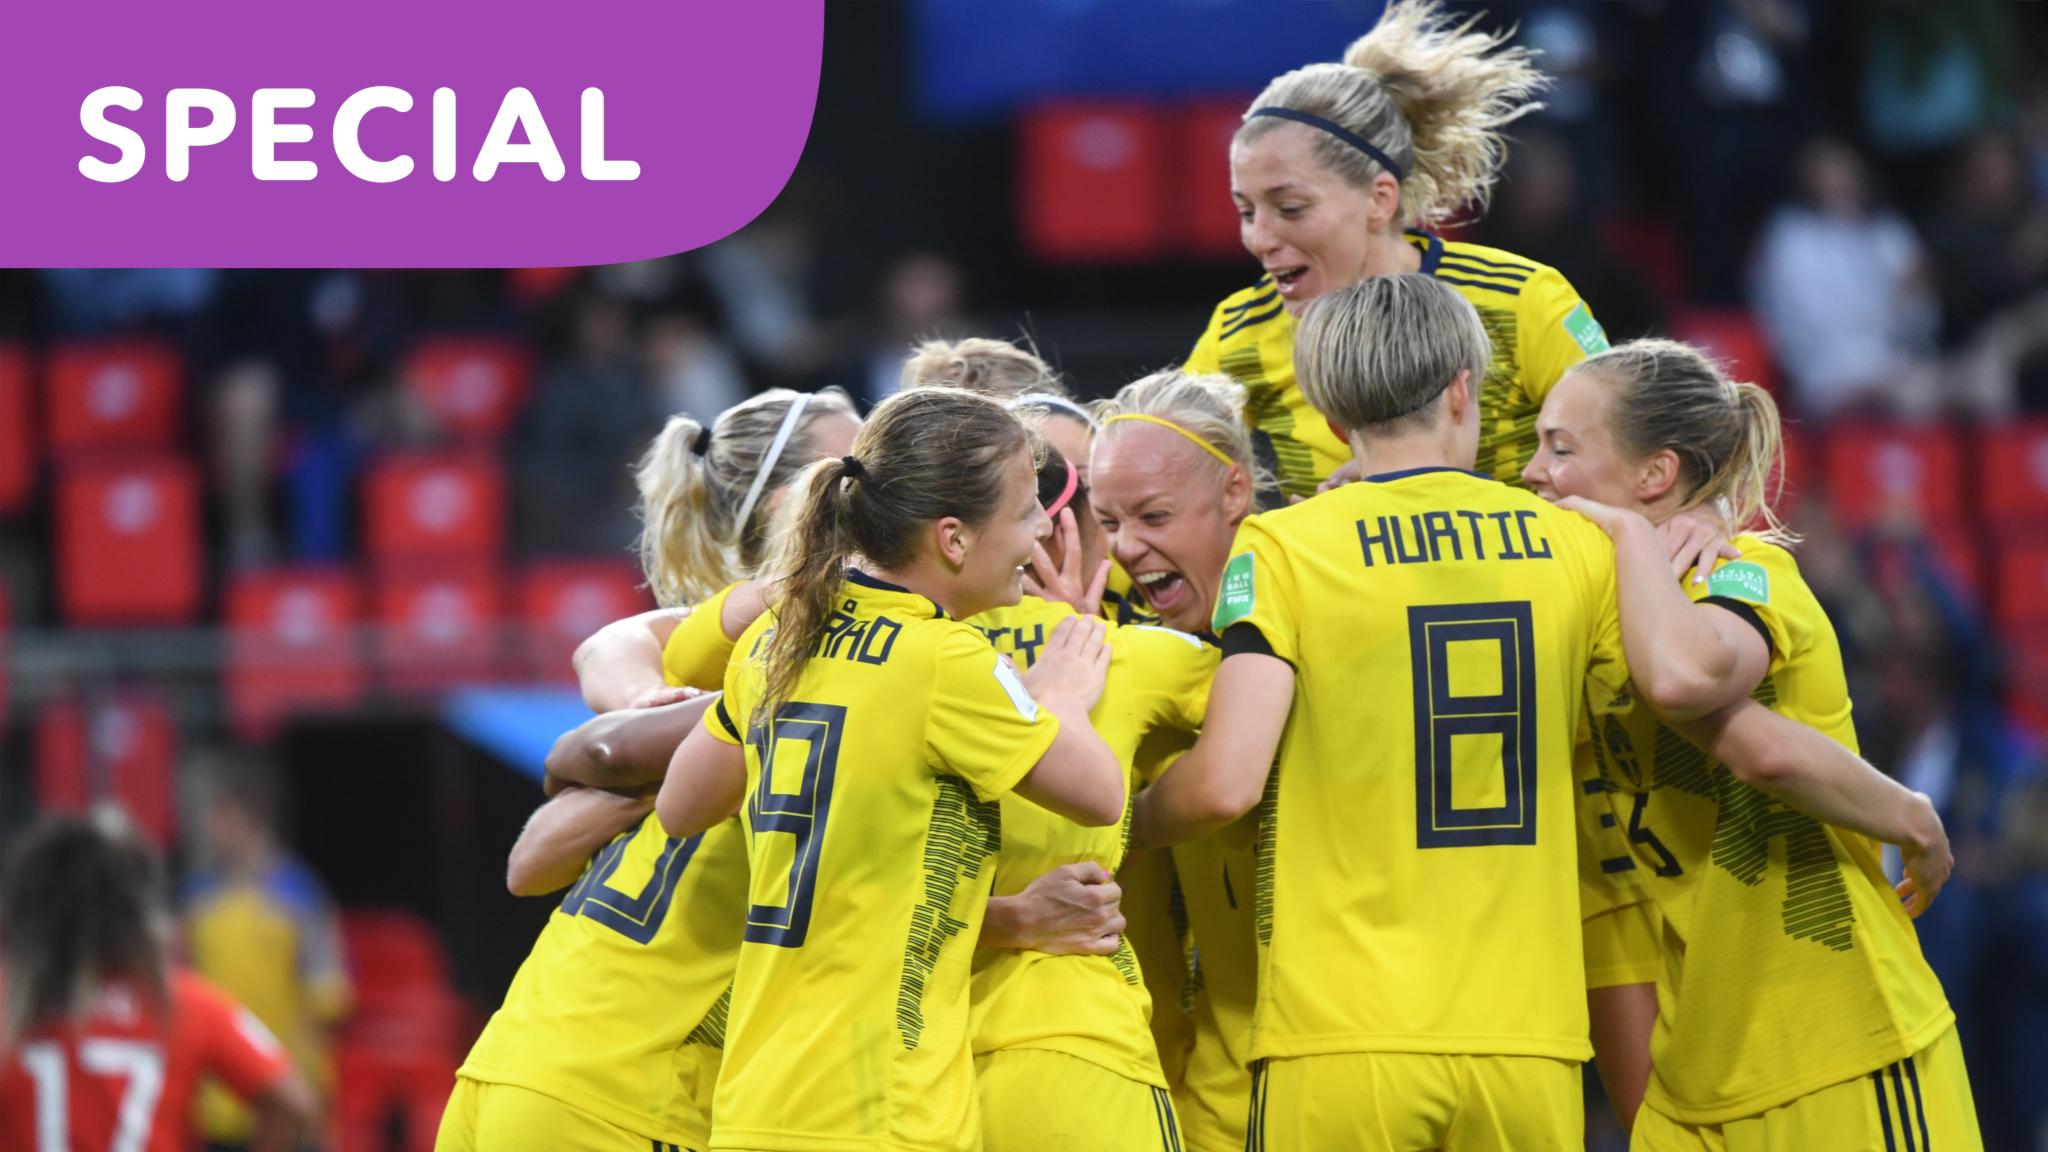 SPECIAL: Fotbolls-VM 2019